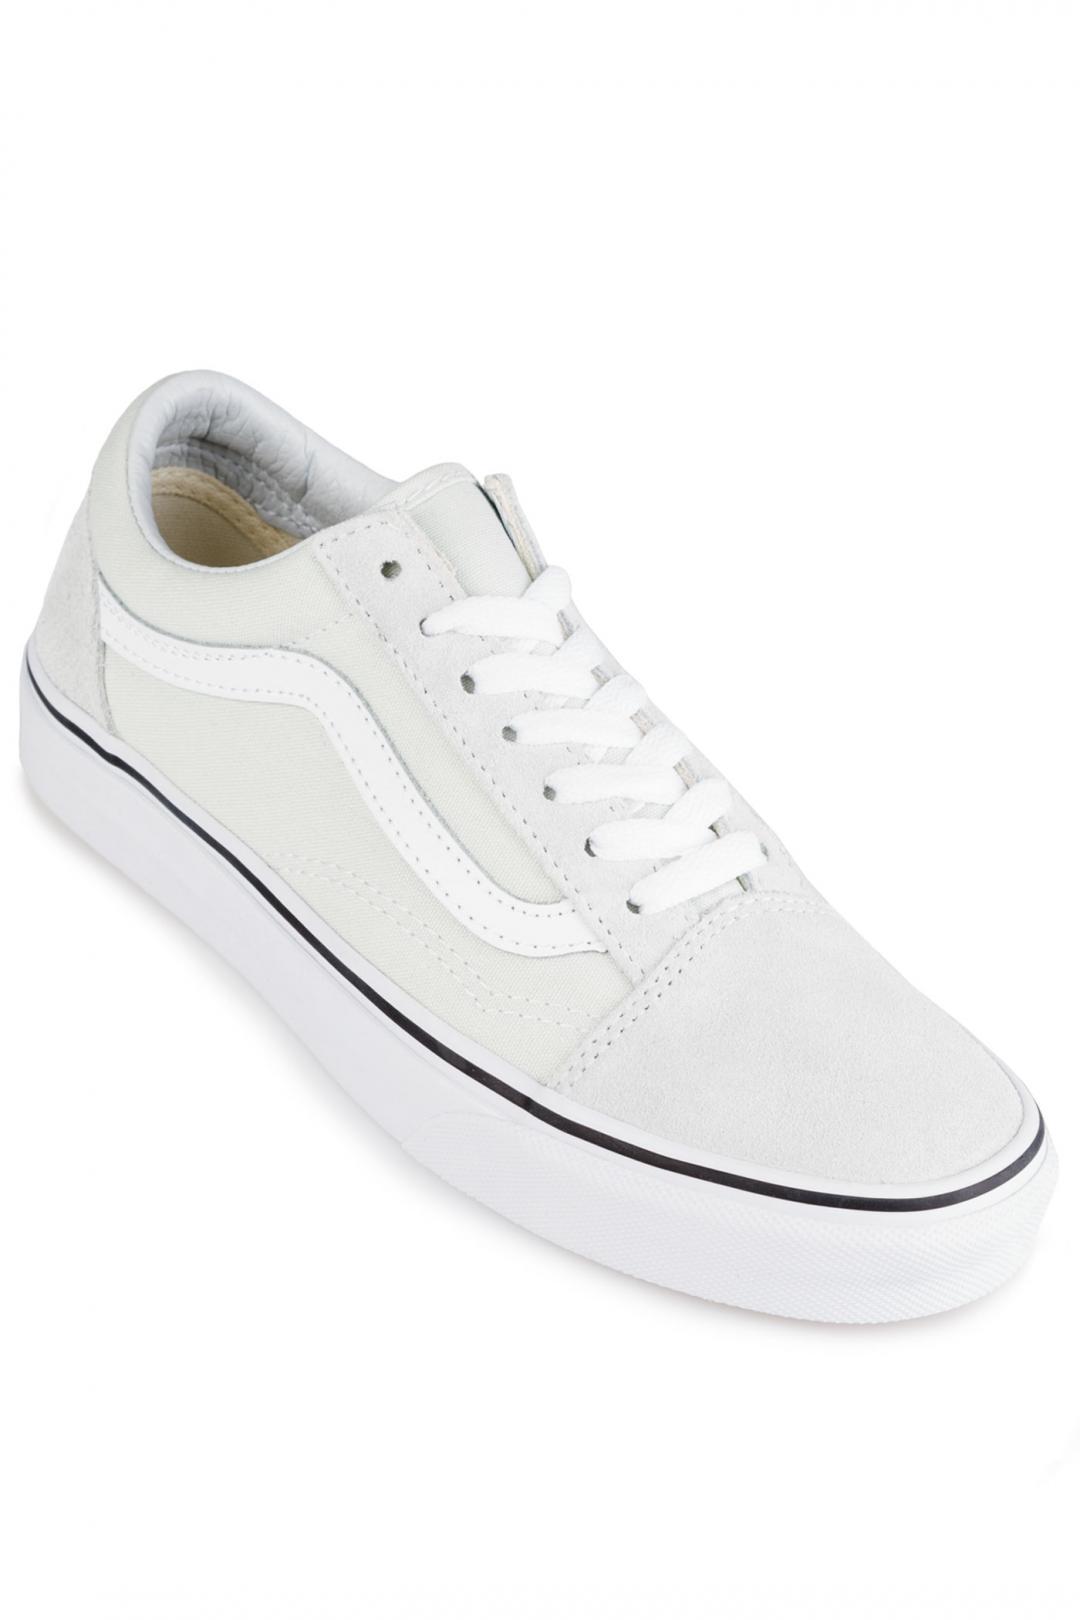 Donna Vans Old Skool blue flower   Sneakers low top